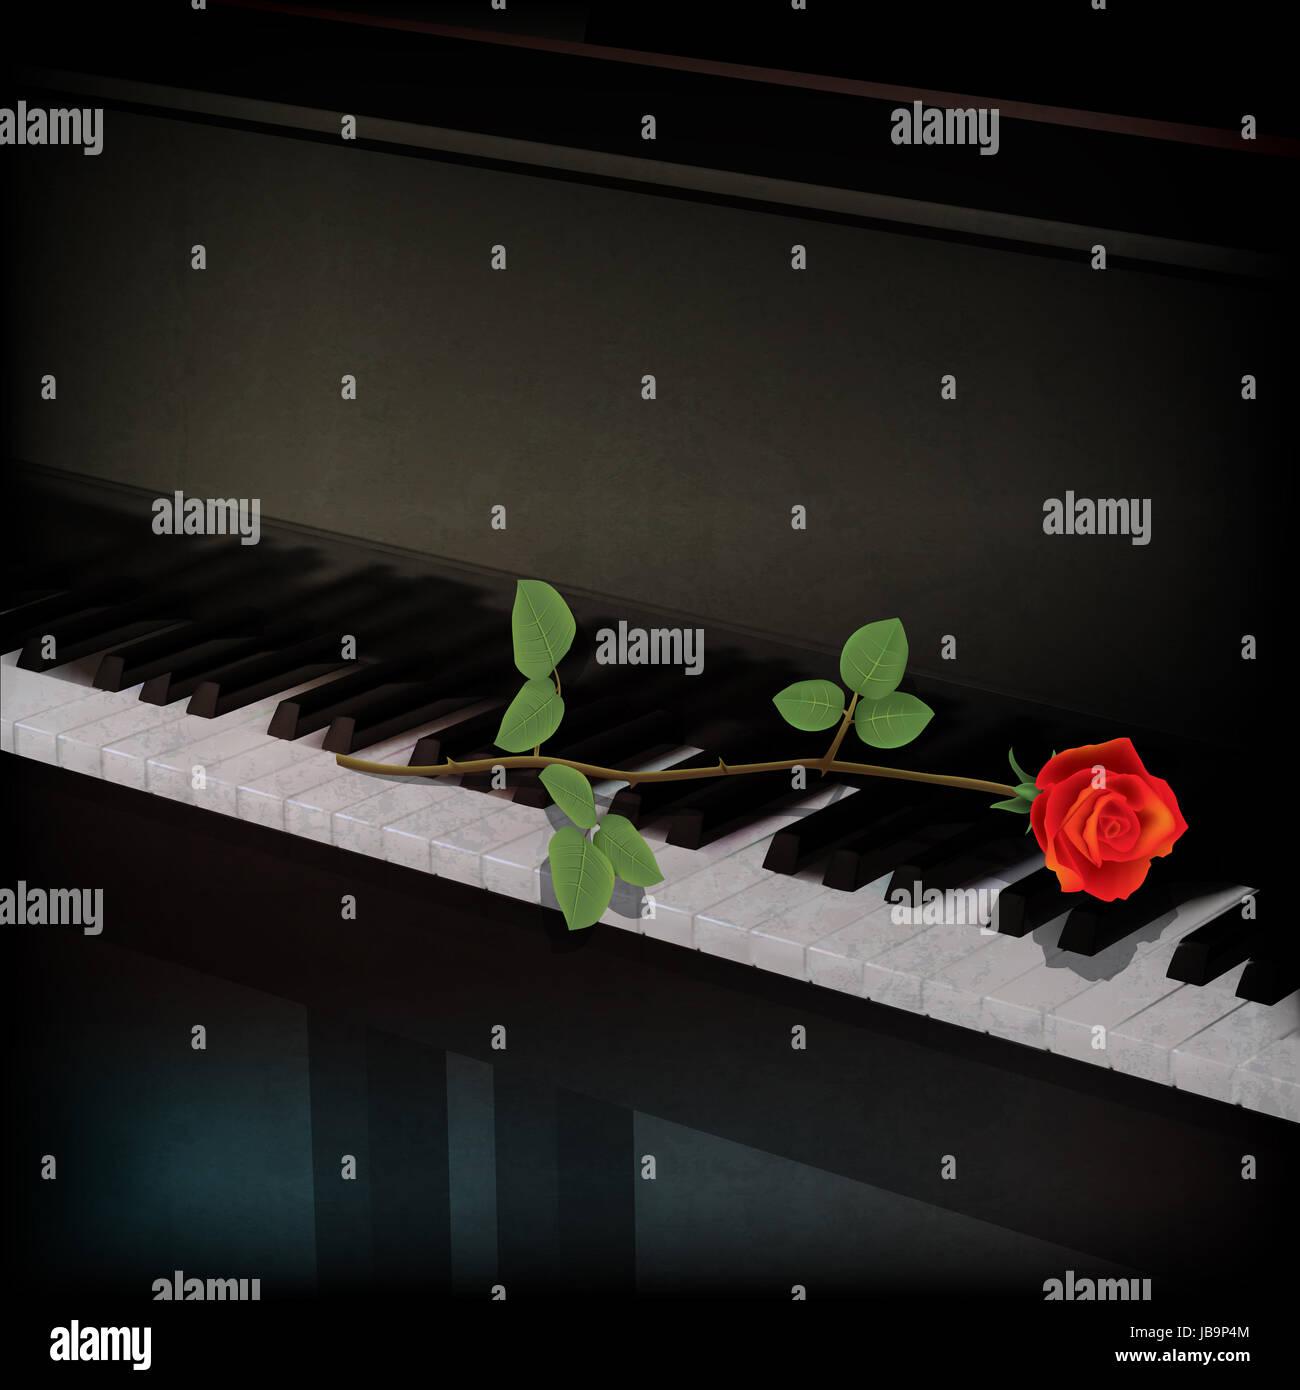 Abstract Grunge Sfondo Con Una Rosa Rossa Sul Pianoforte Foto